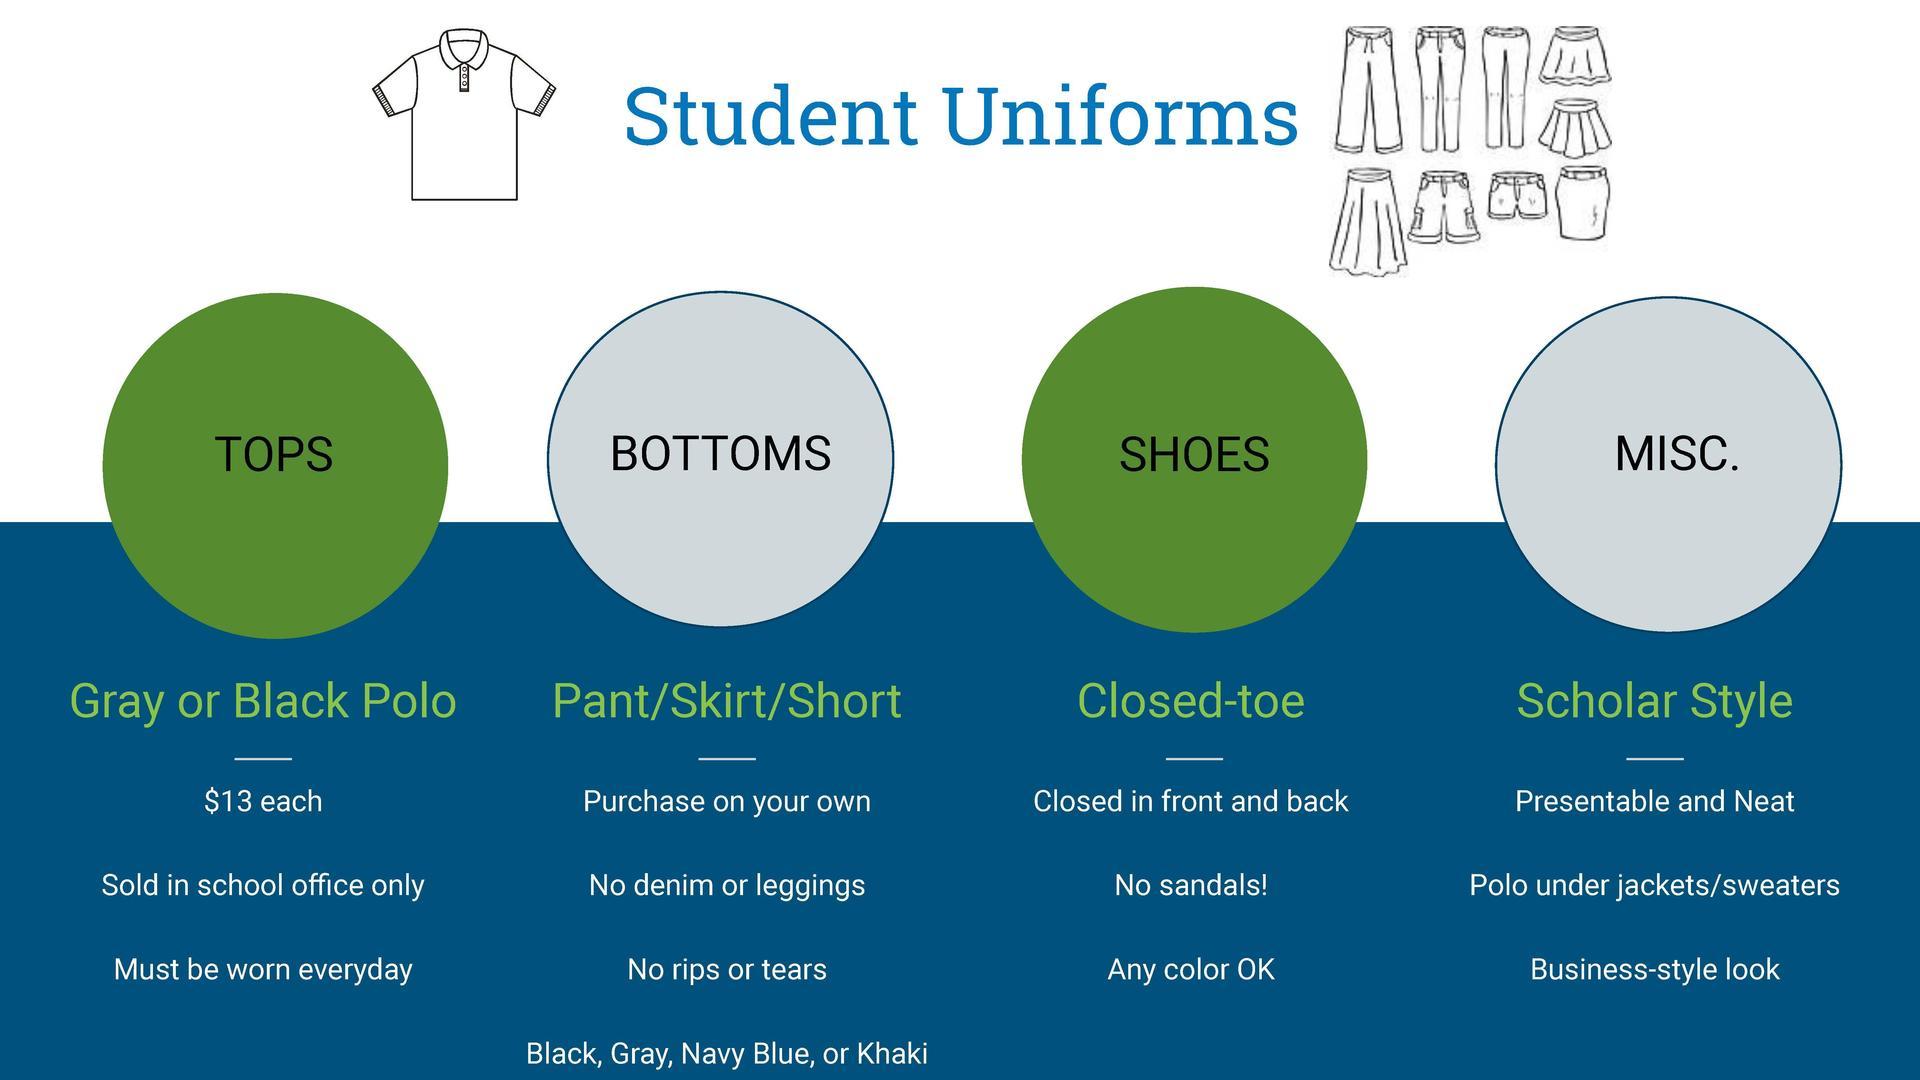 Student uniform details